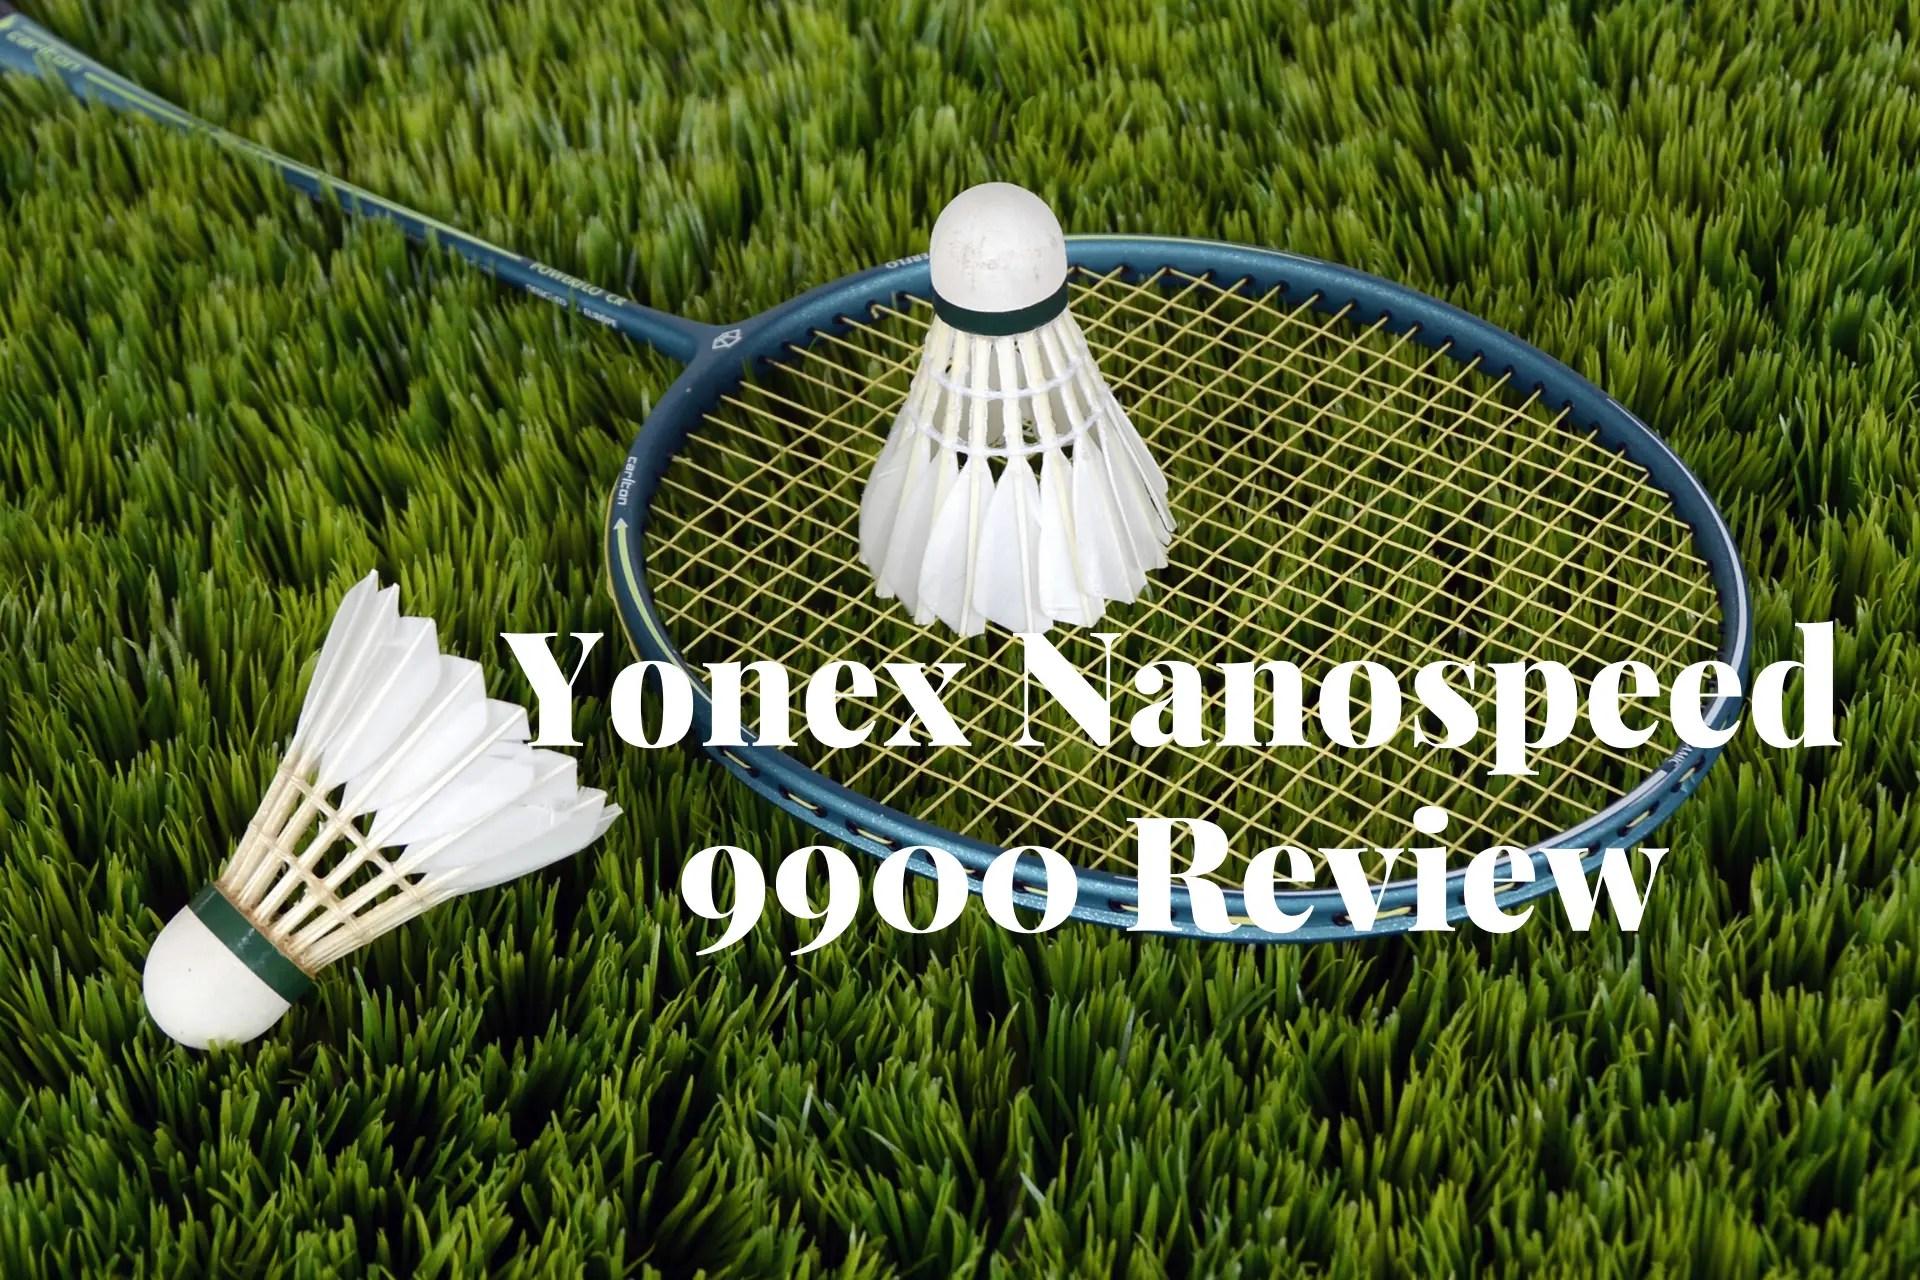 yonex nanospeed 9900 review